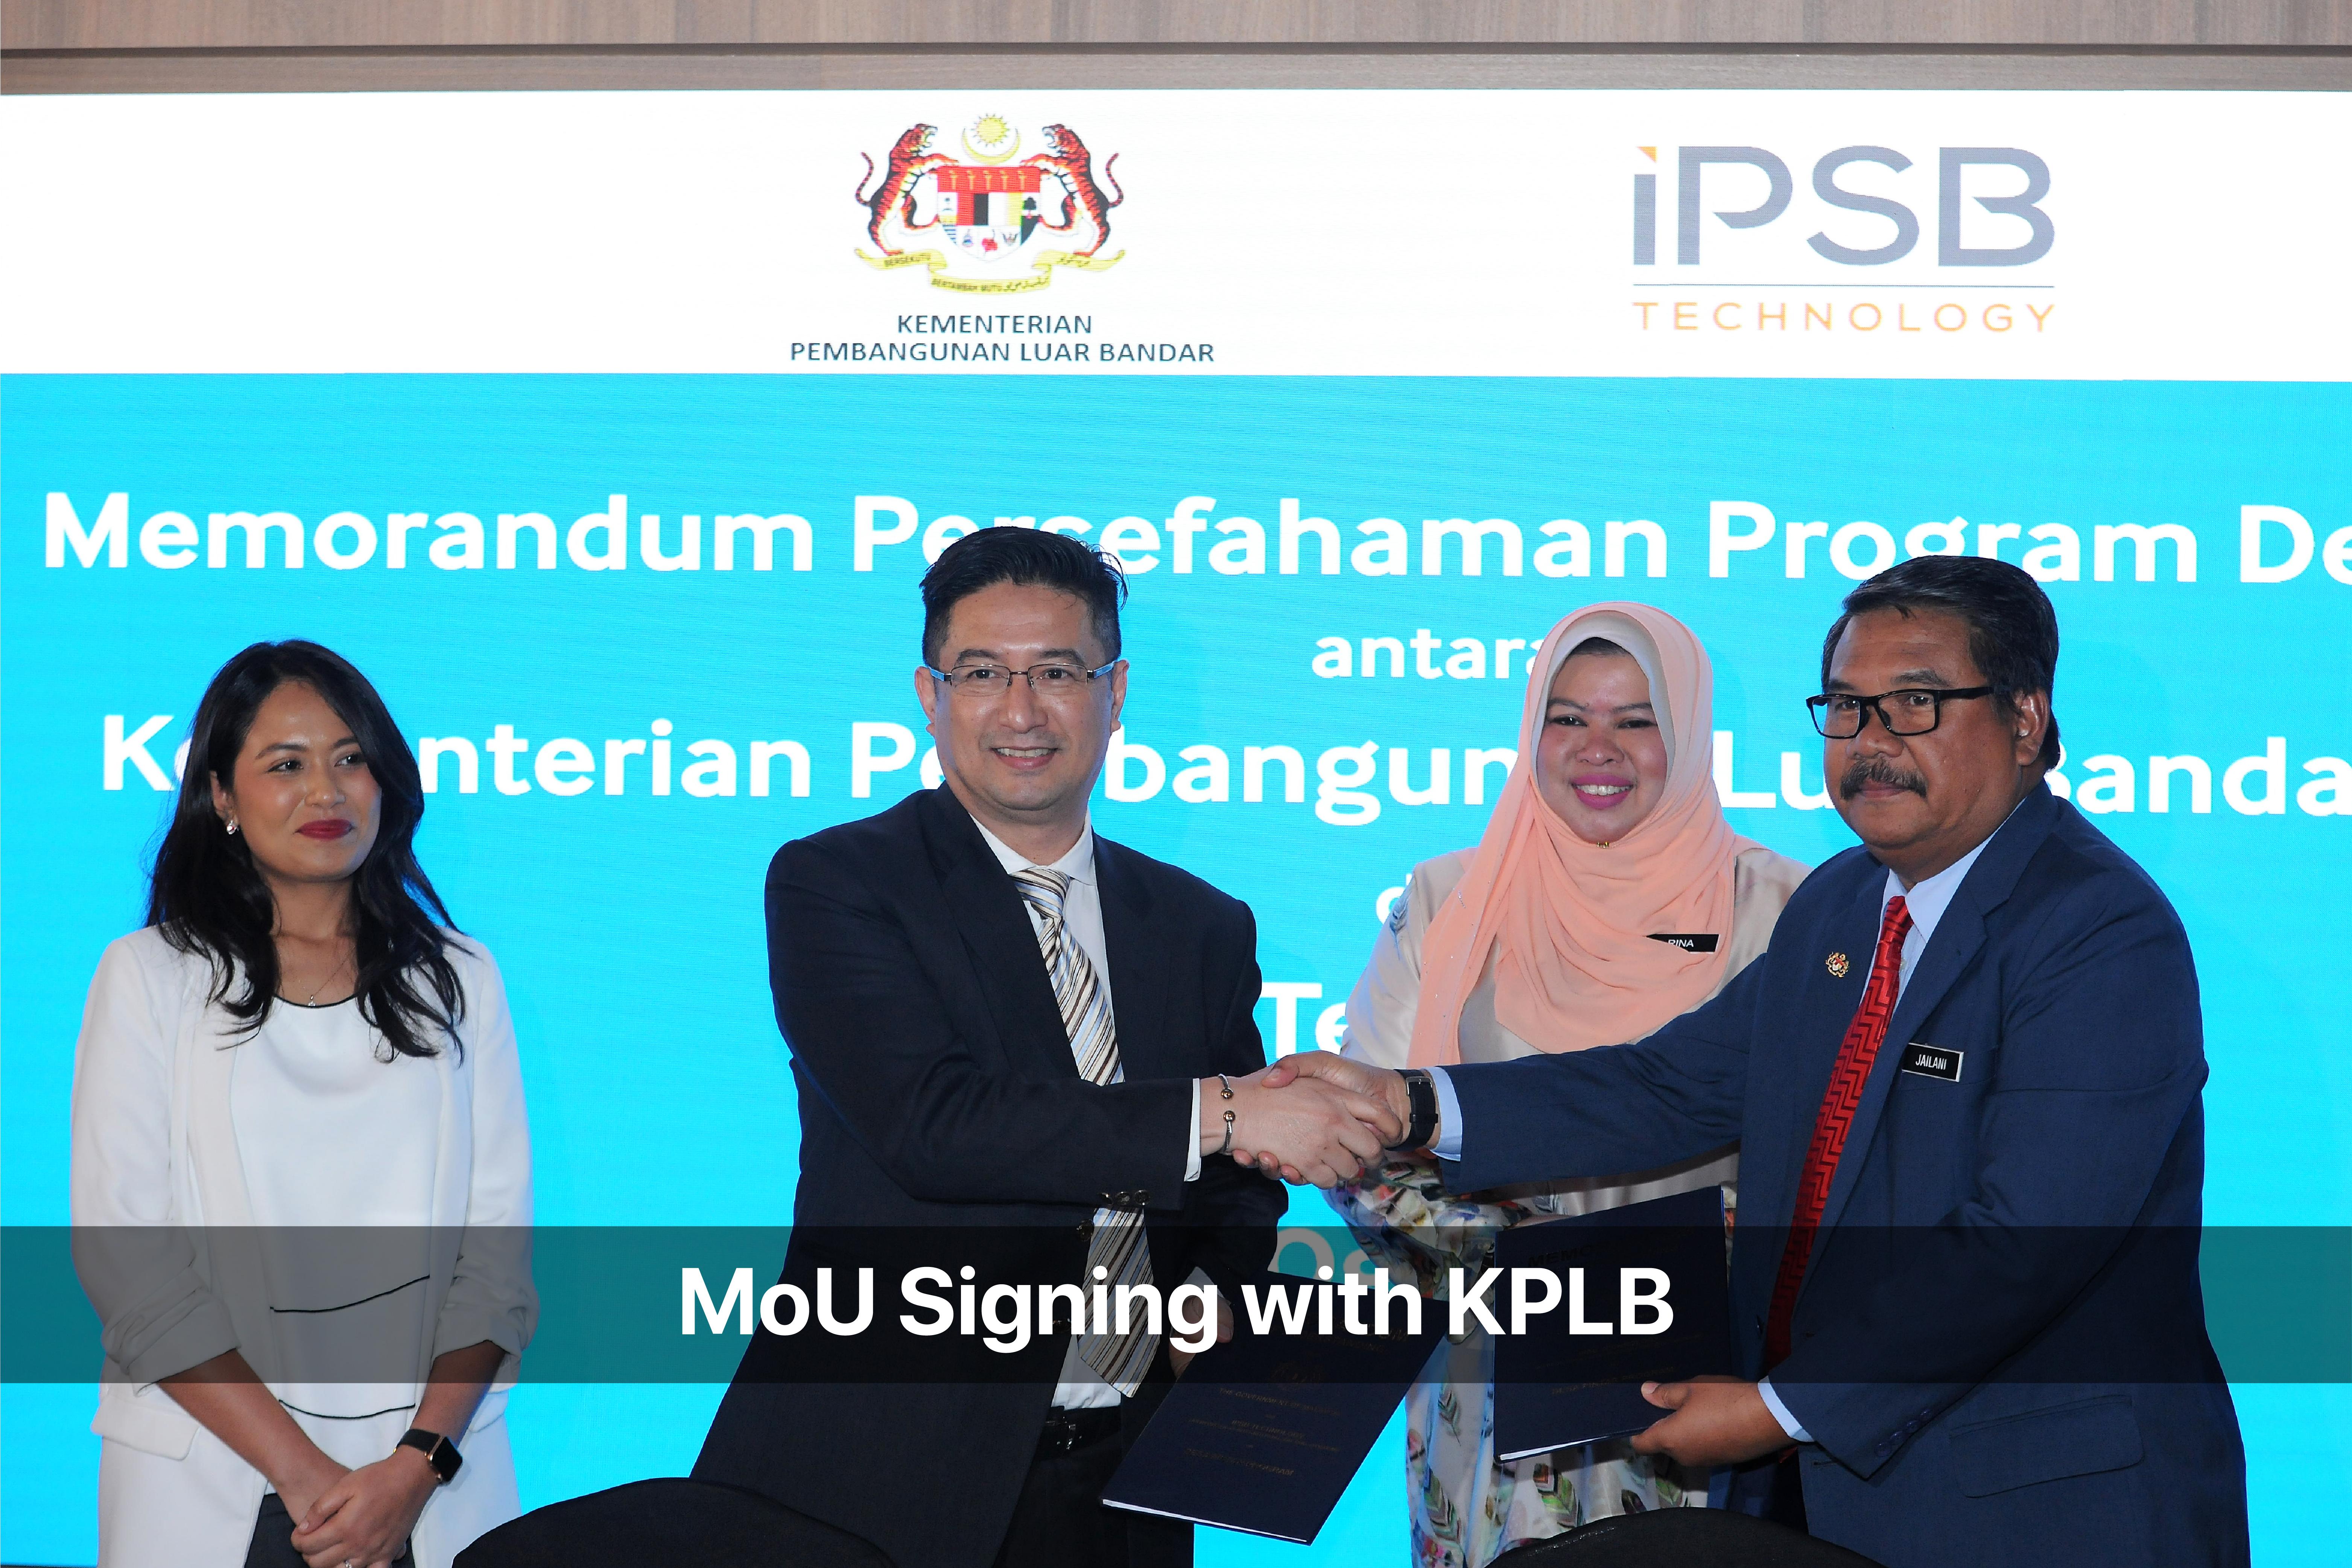 IPSB Technology KPLB